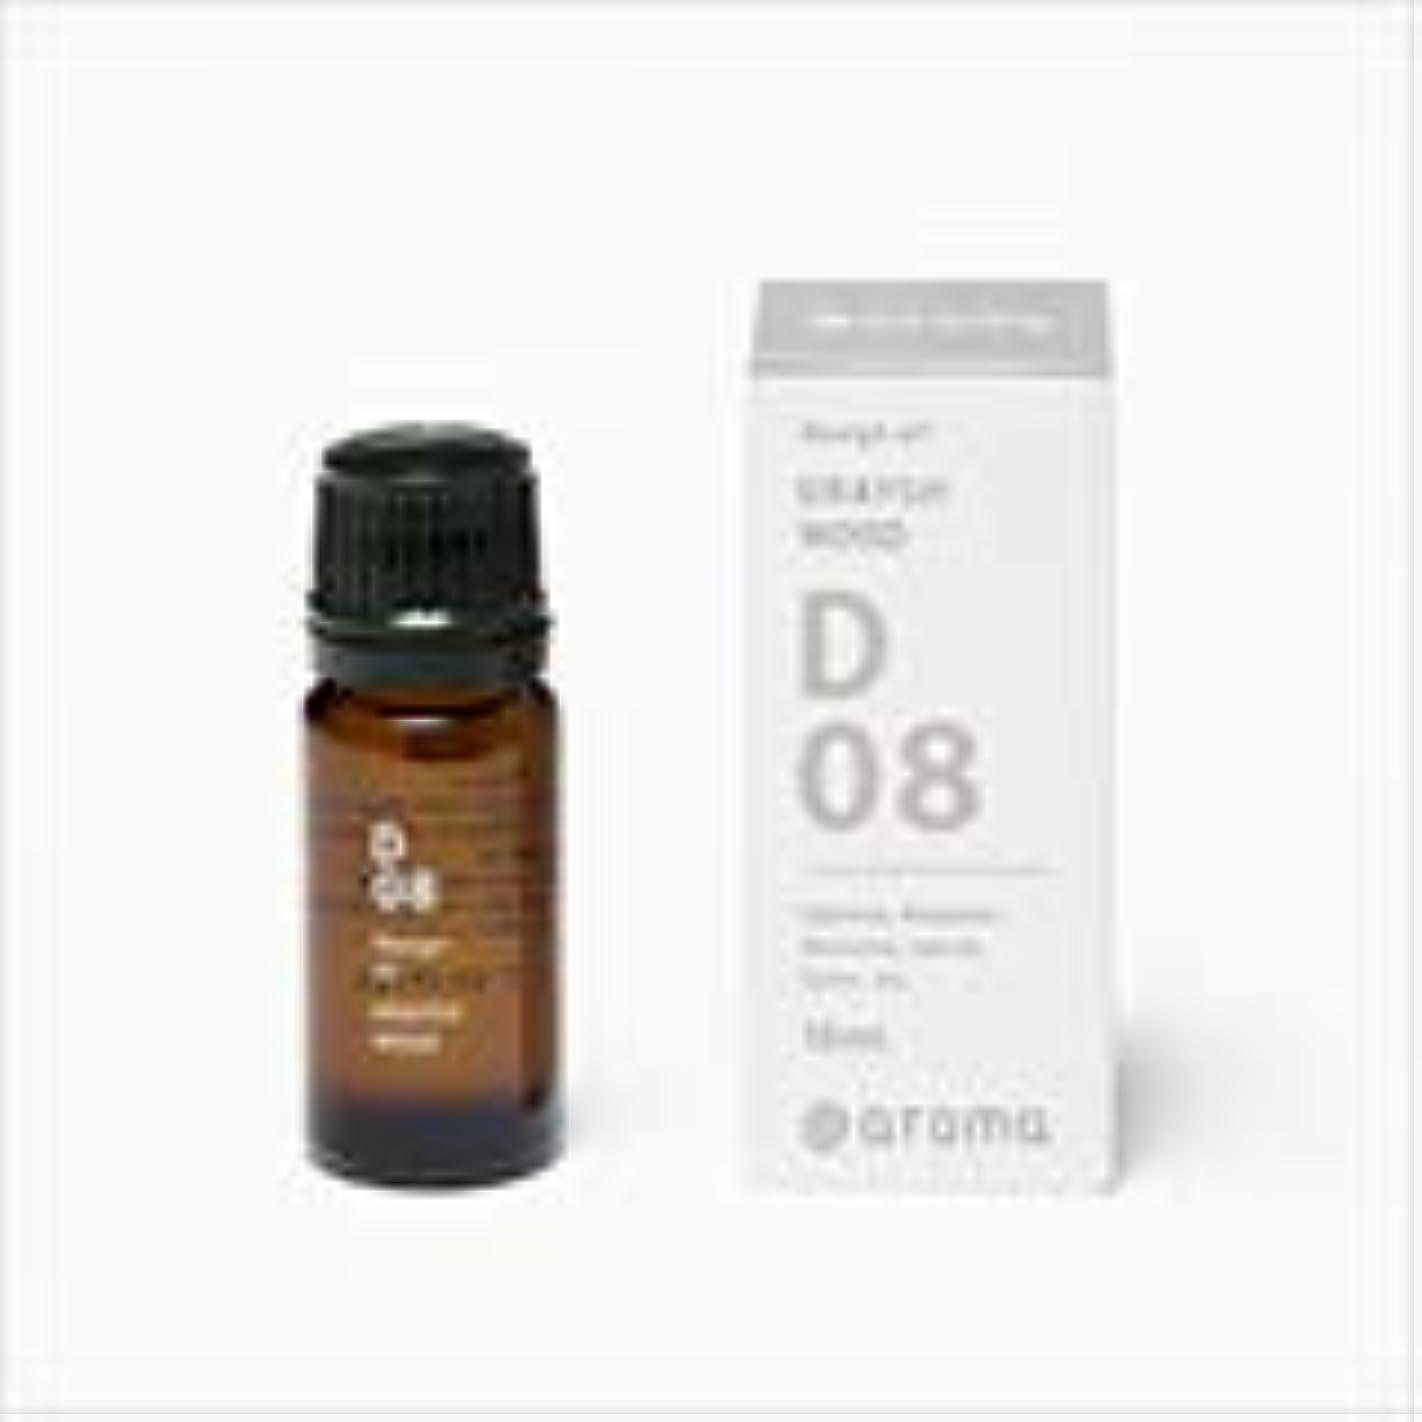 土ガム待ってアットアロマ 100%pure essential oil <Design air コンフォートリラックス>